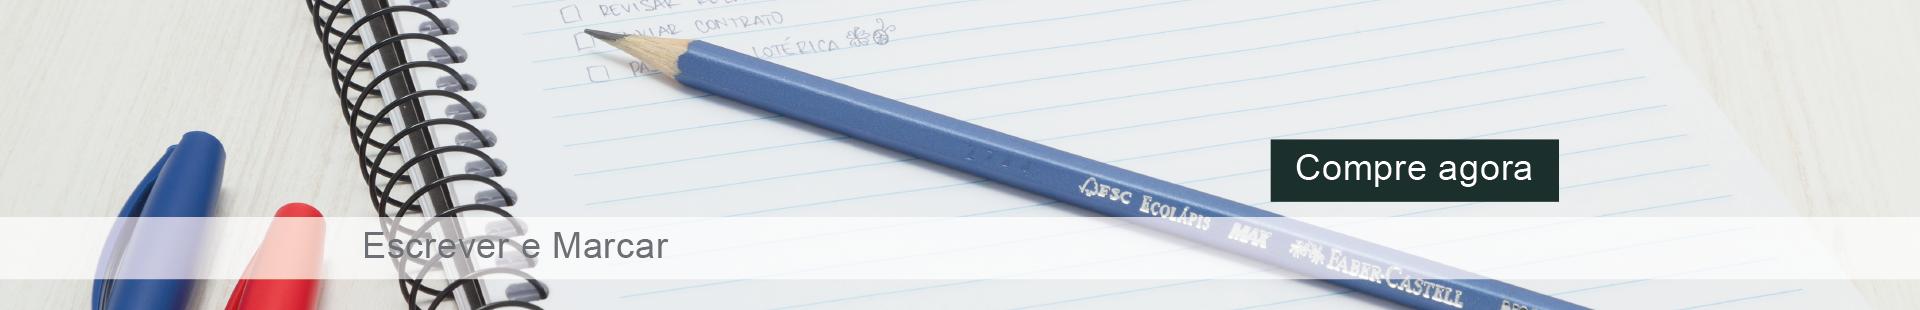 Escrever e Marcar